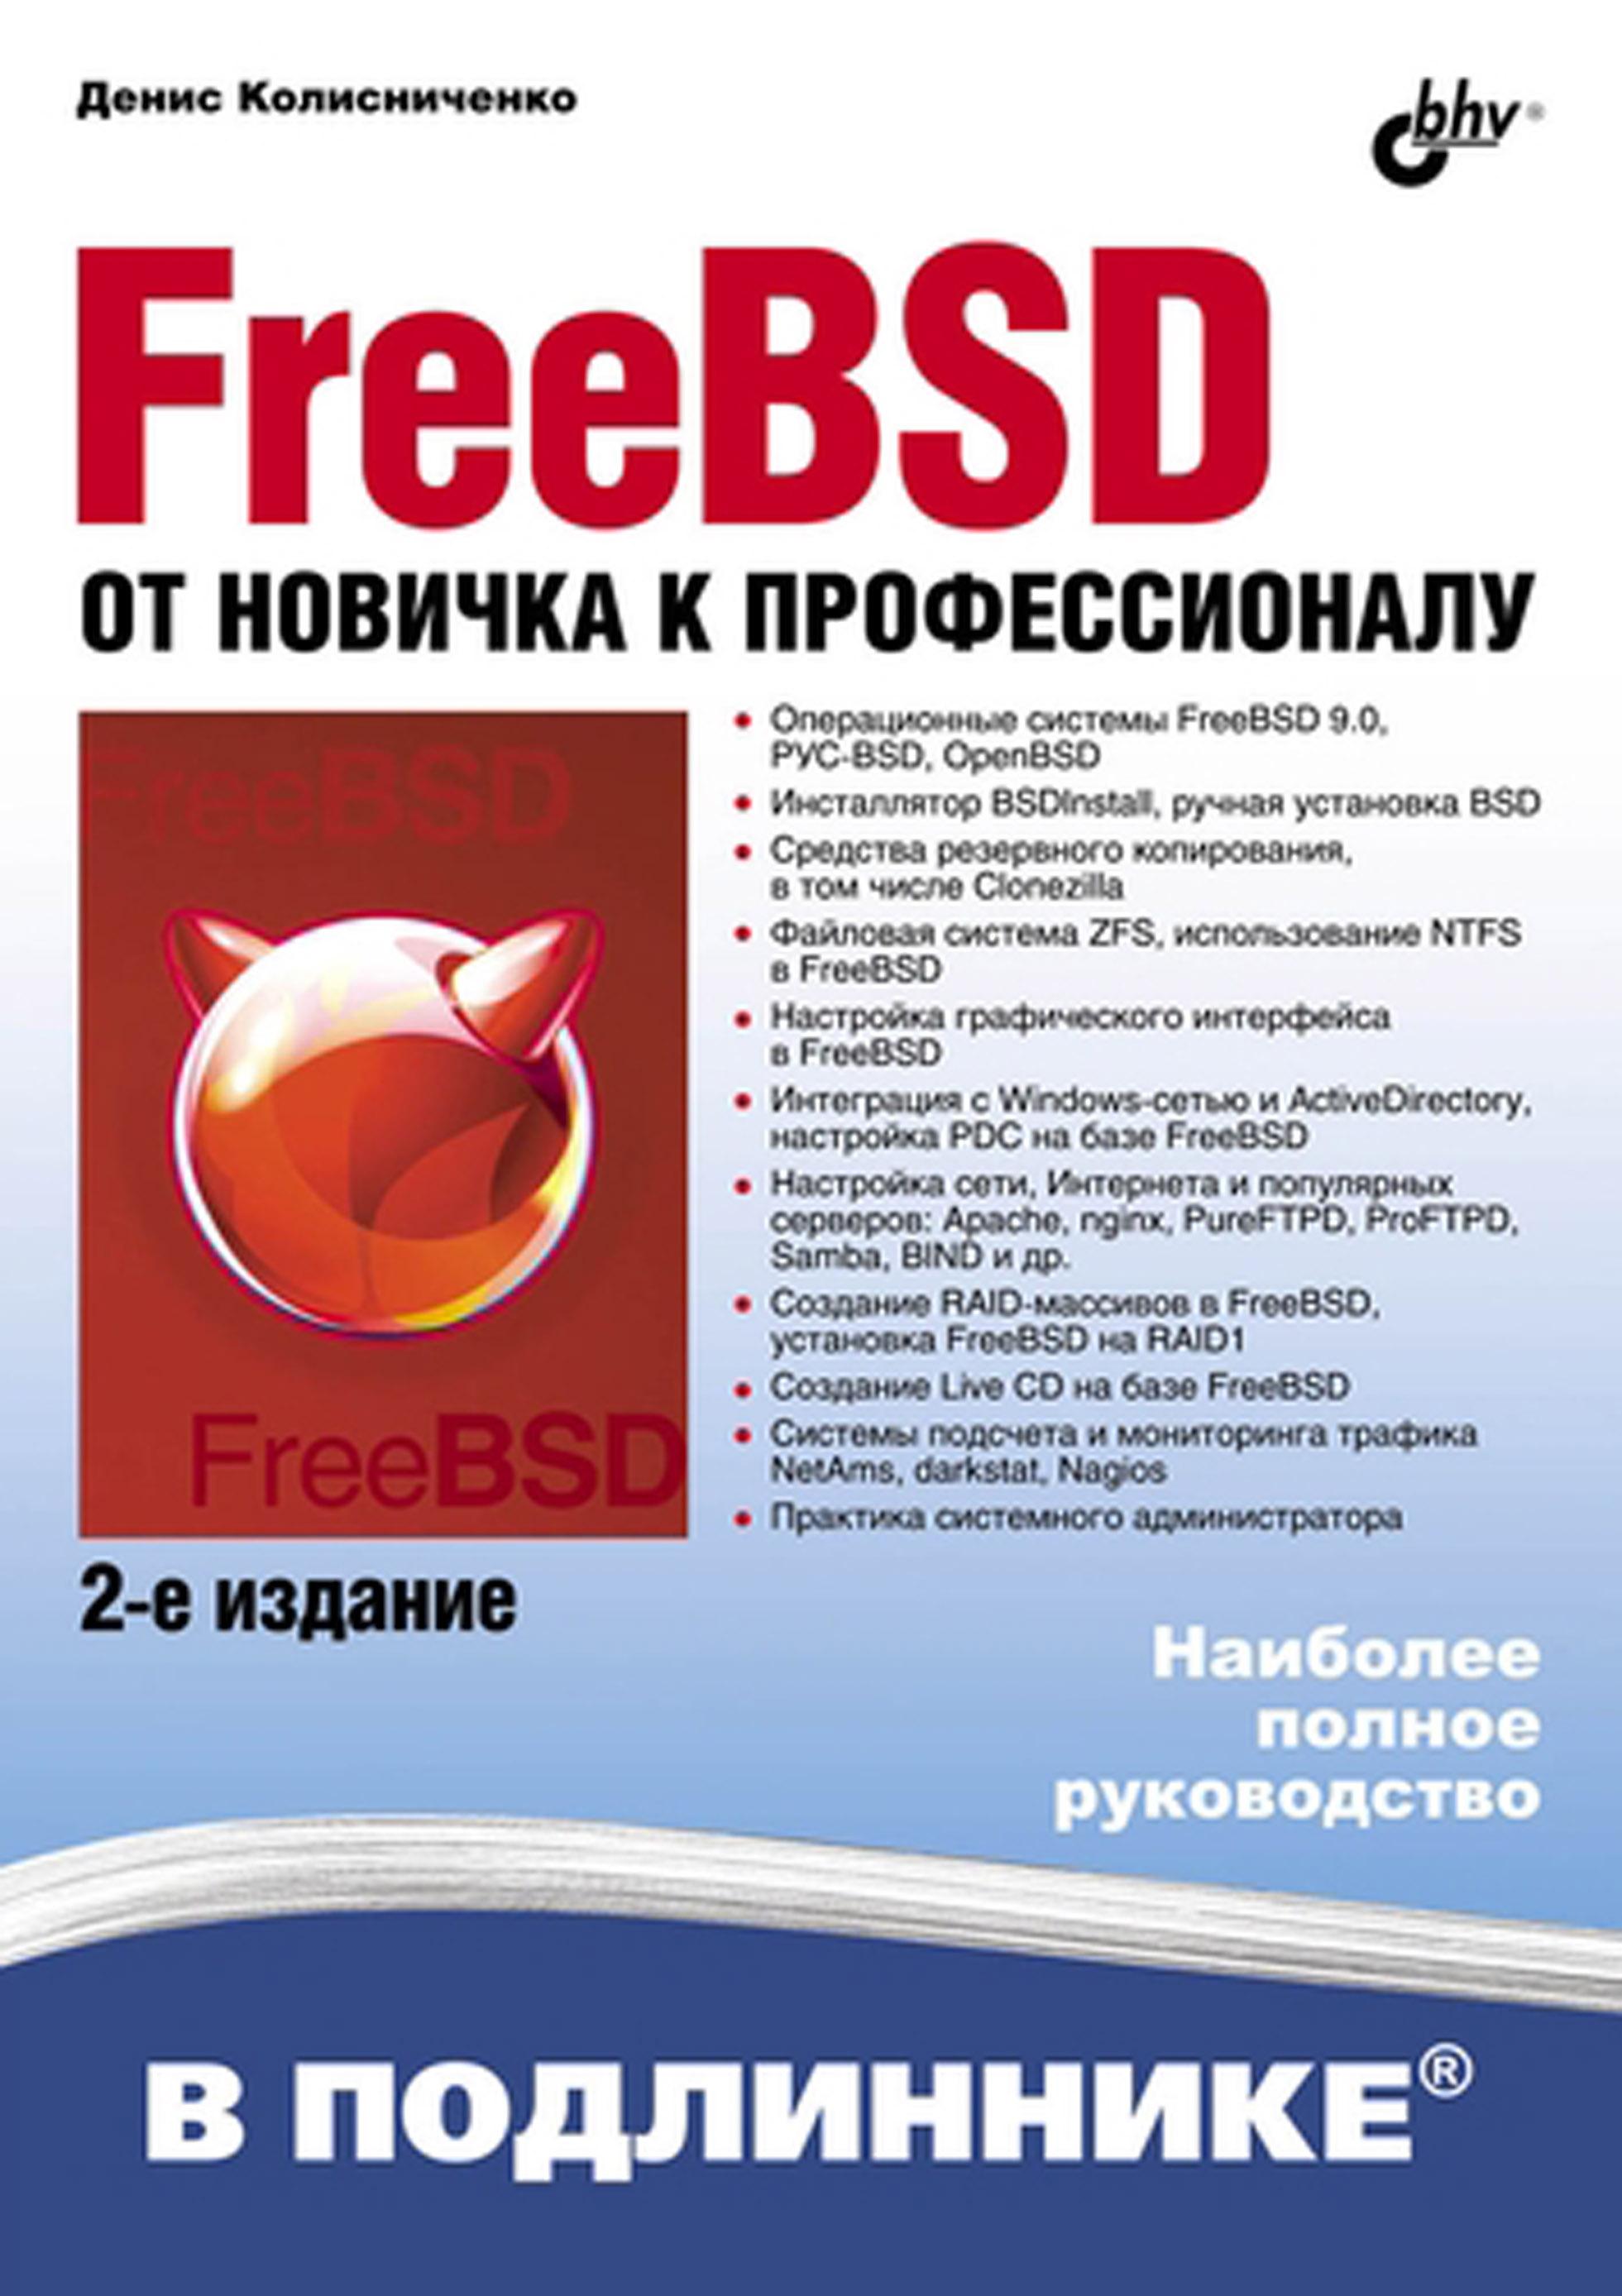 FreeBSD.От новичка к профессионалу (2-е издание)